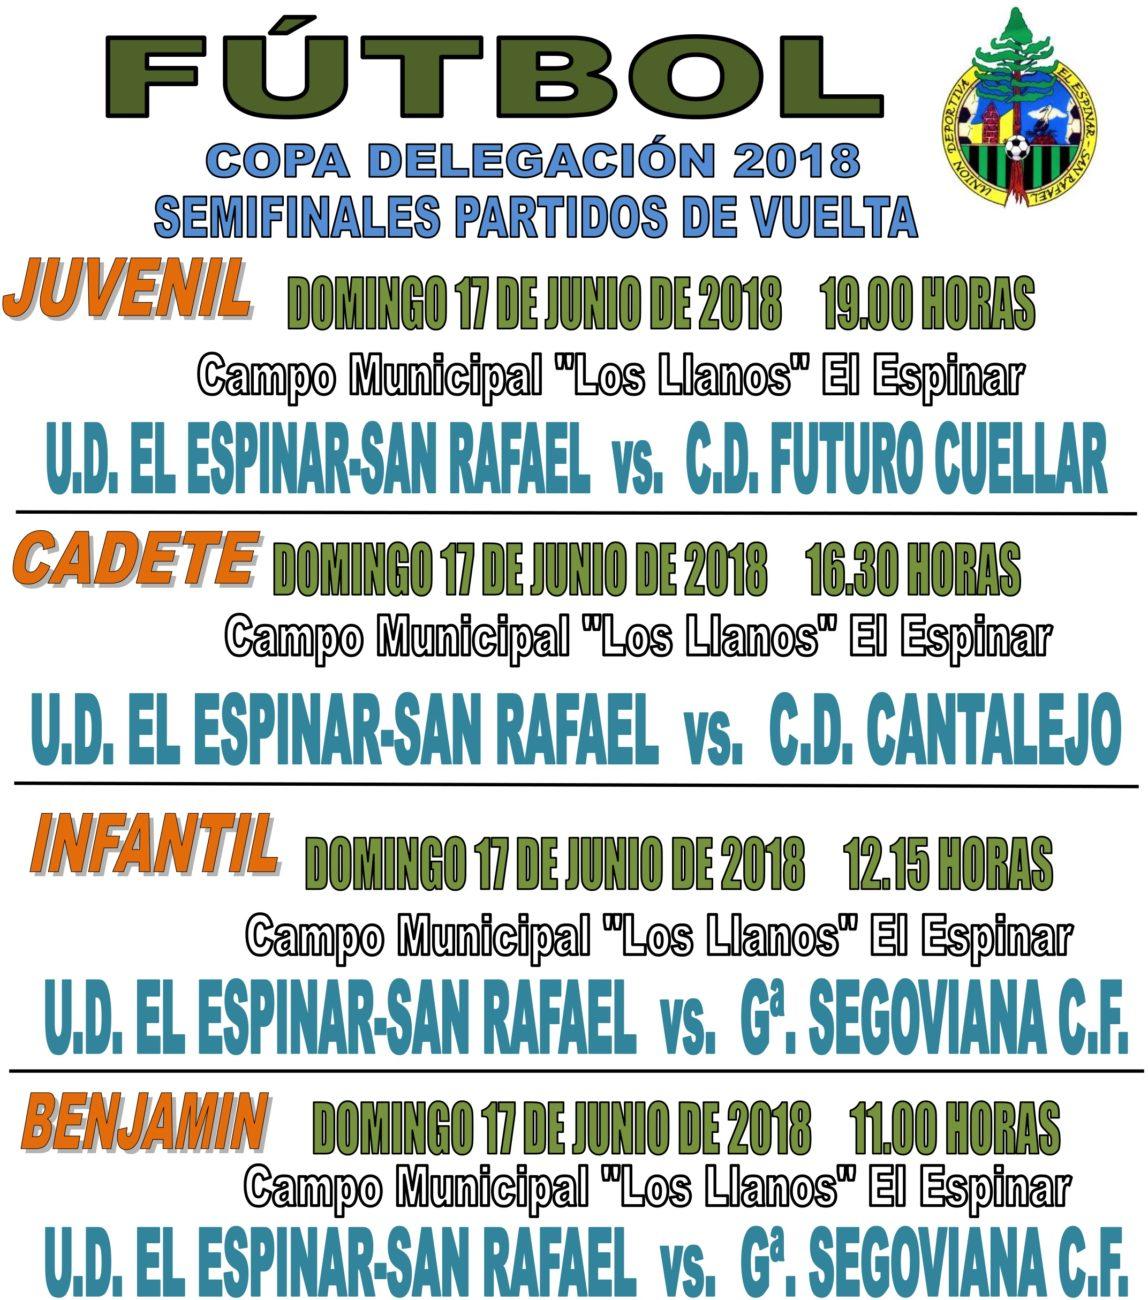 Partidos de vuelta de semifinales de la Copa Delegación